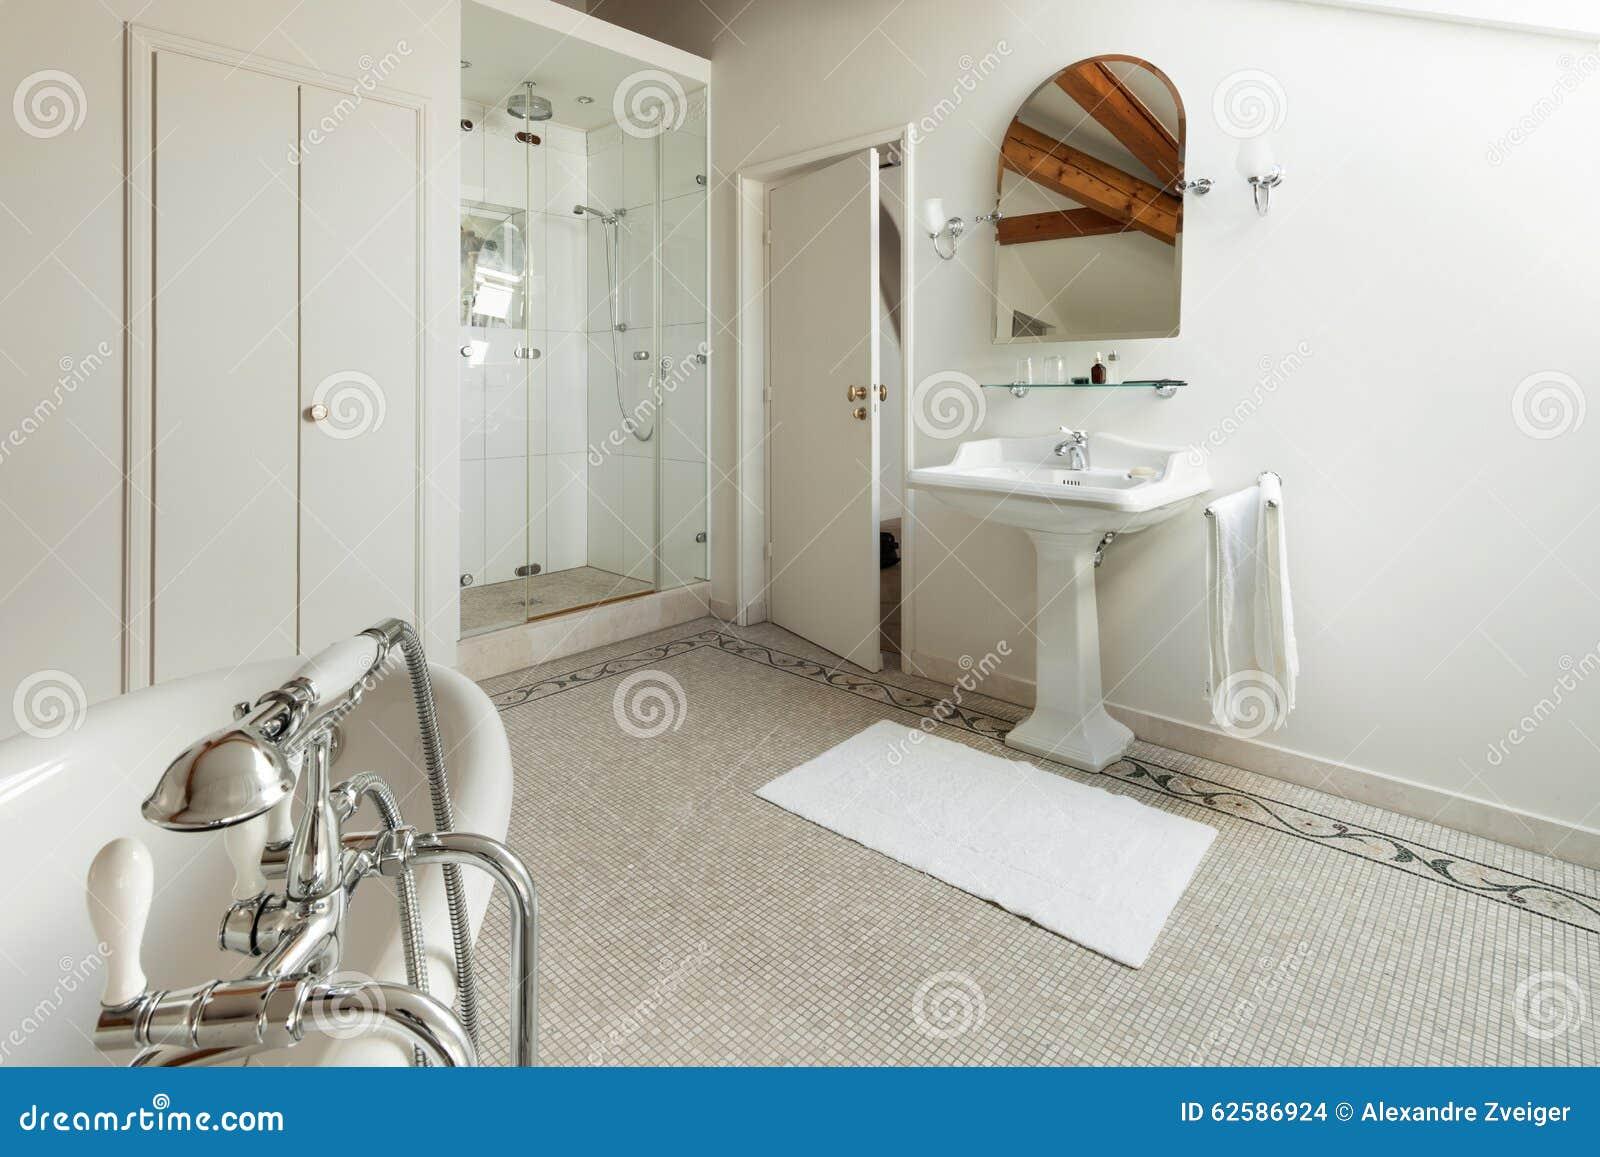 Awesome leggi tutto pavimenti bagno classici with bagni moderni di lusso - Bagni classici con doccia ...